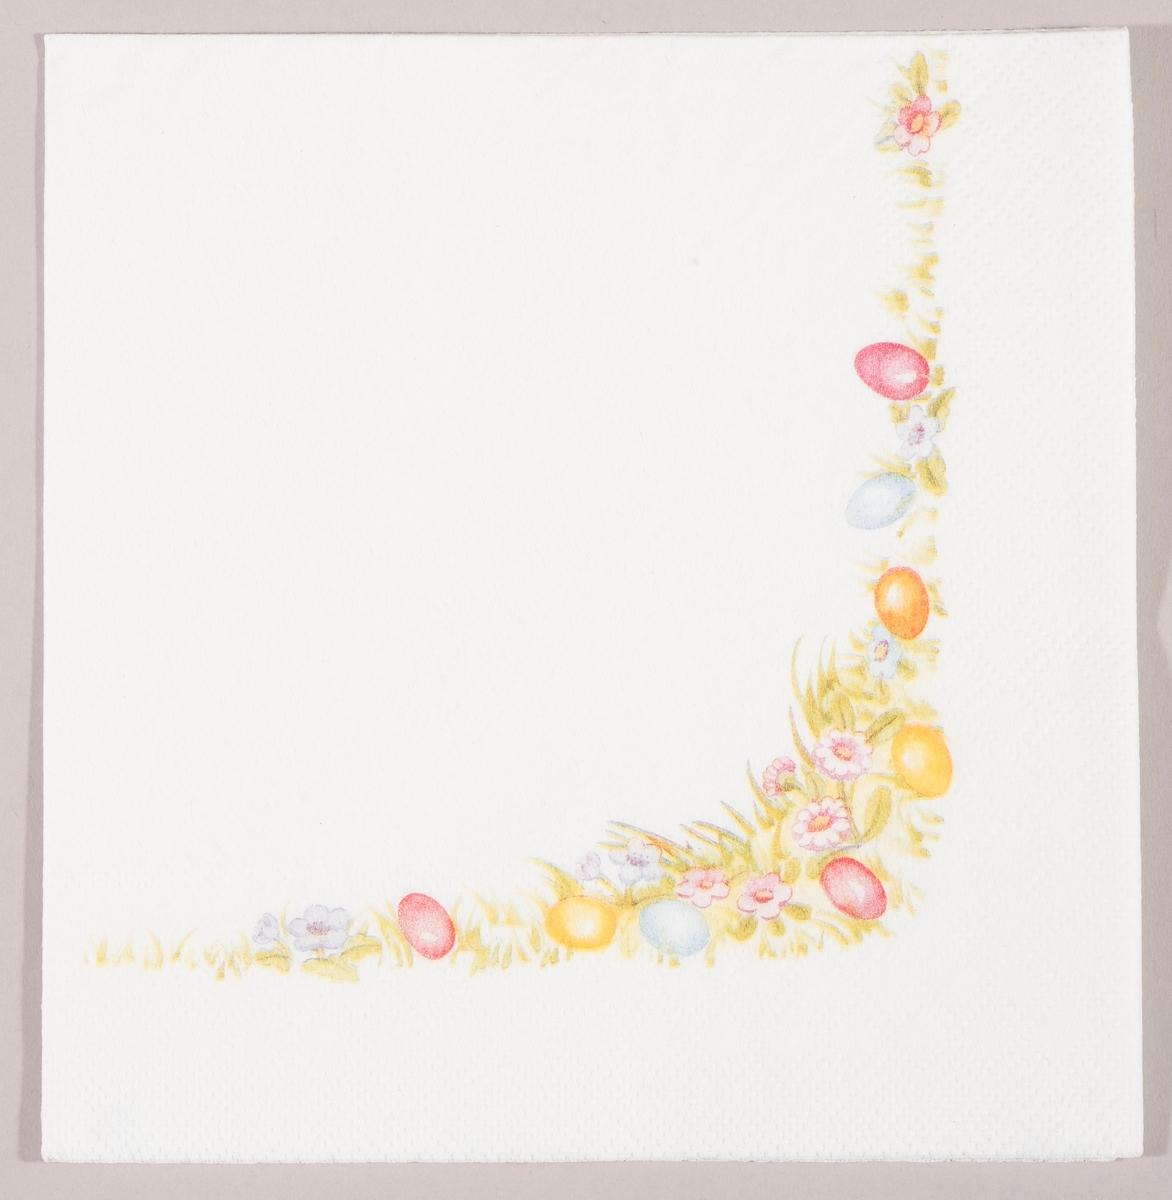 En blomstereng med kulørte påskeegg og små blomster.